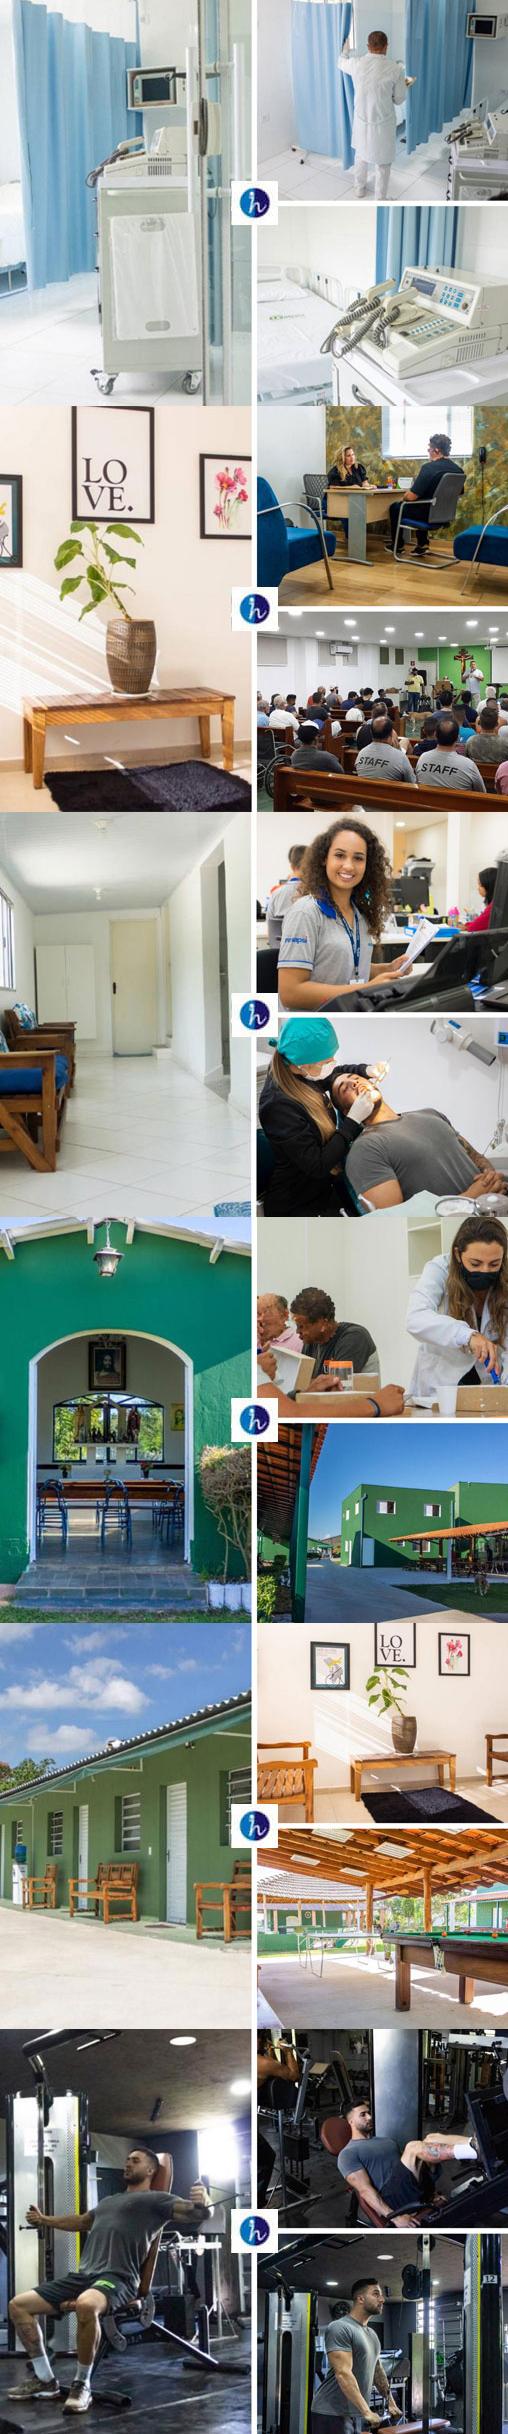 clínica de recuperação e reabilitação para dependentes químicos